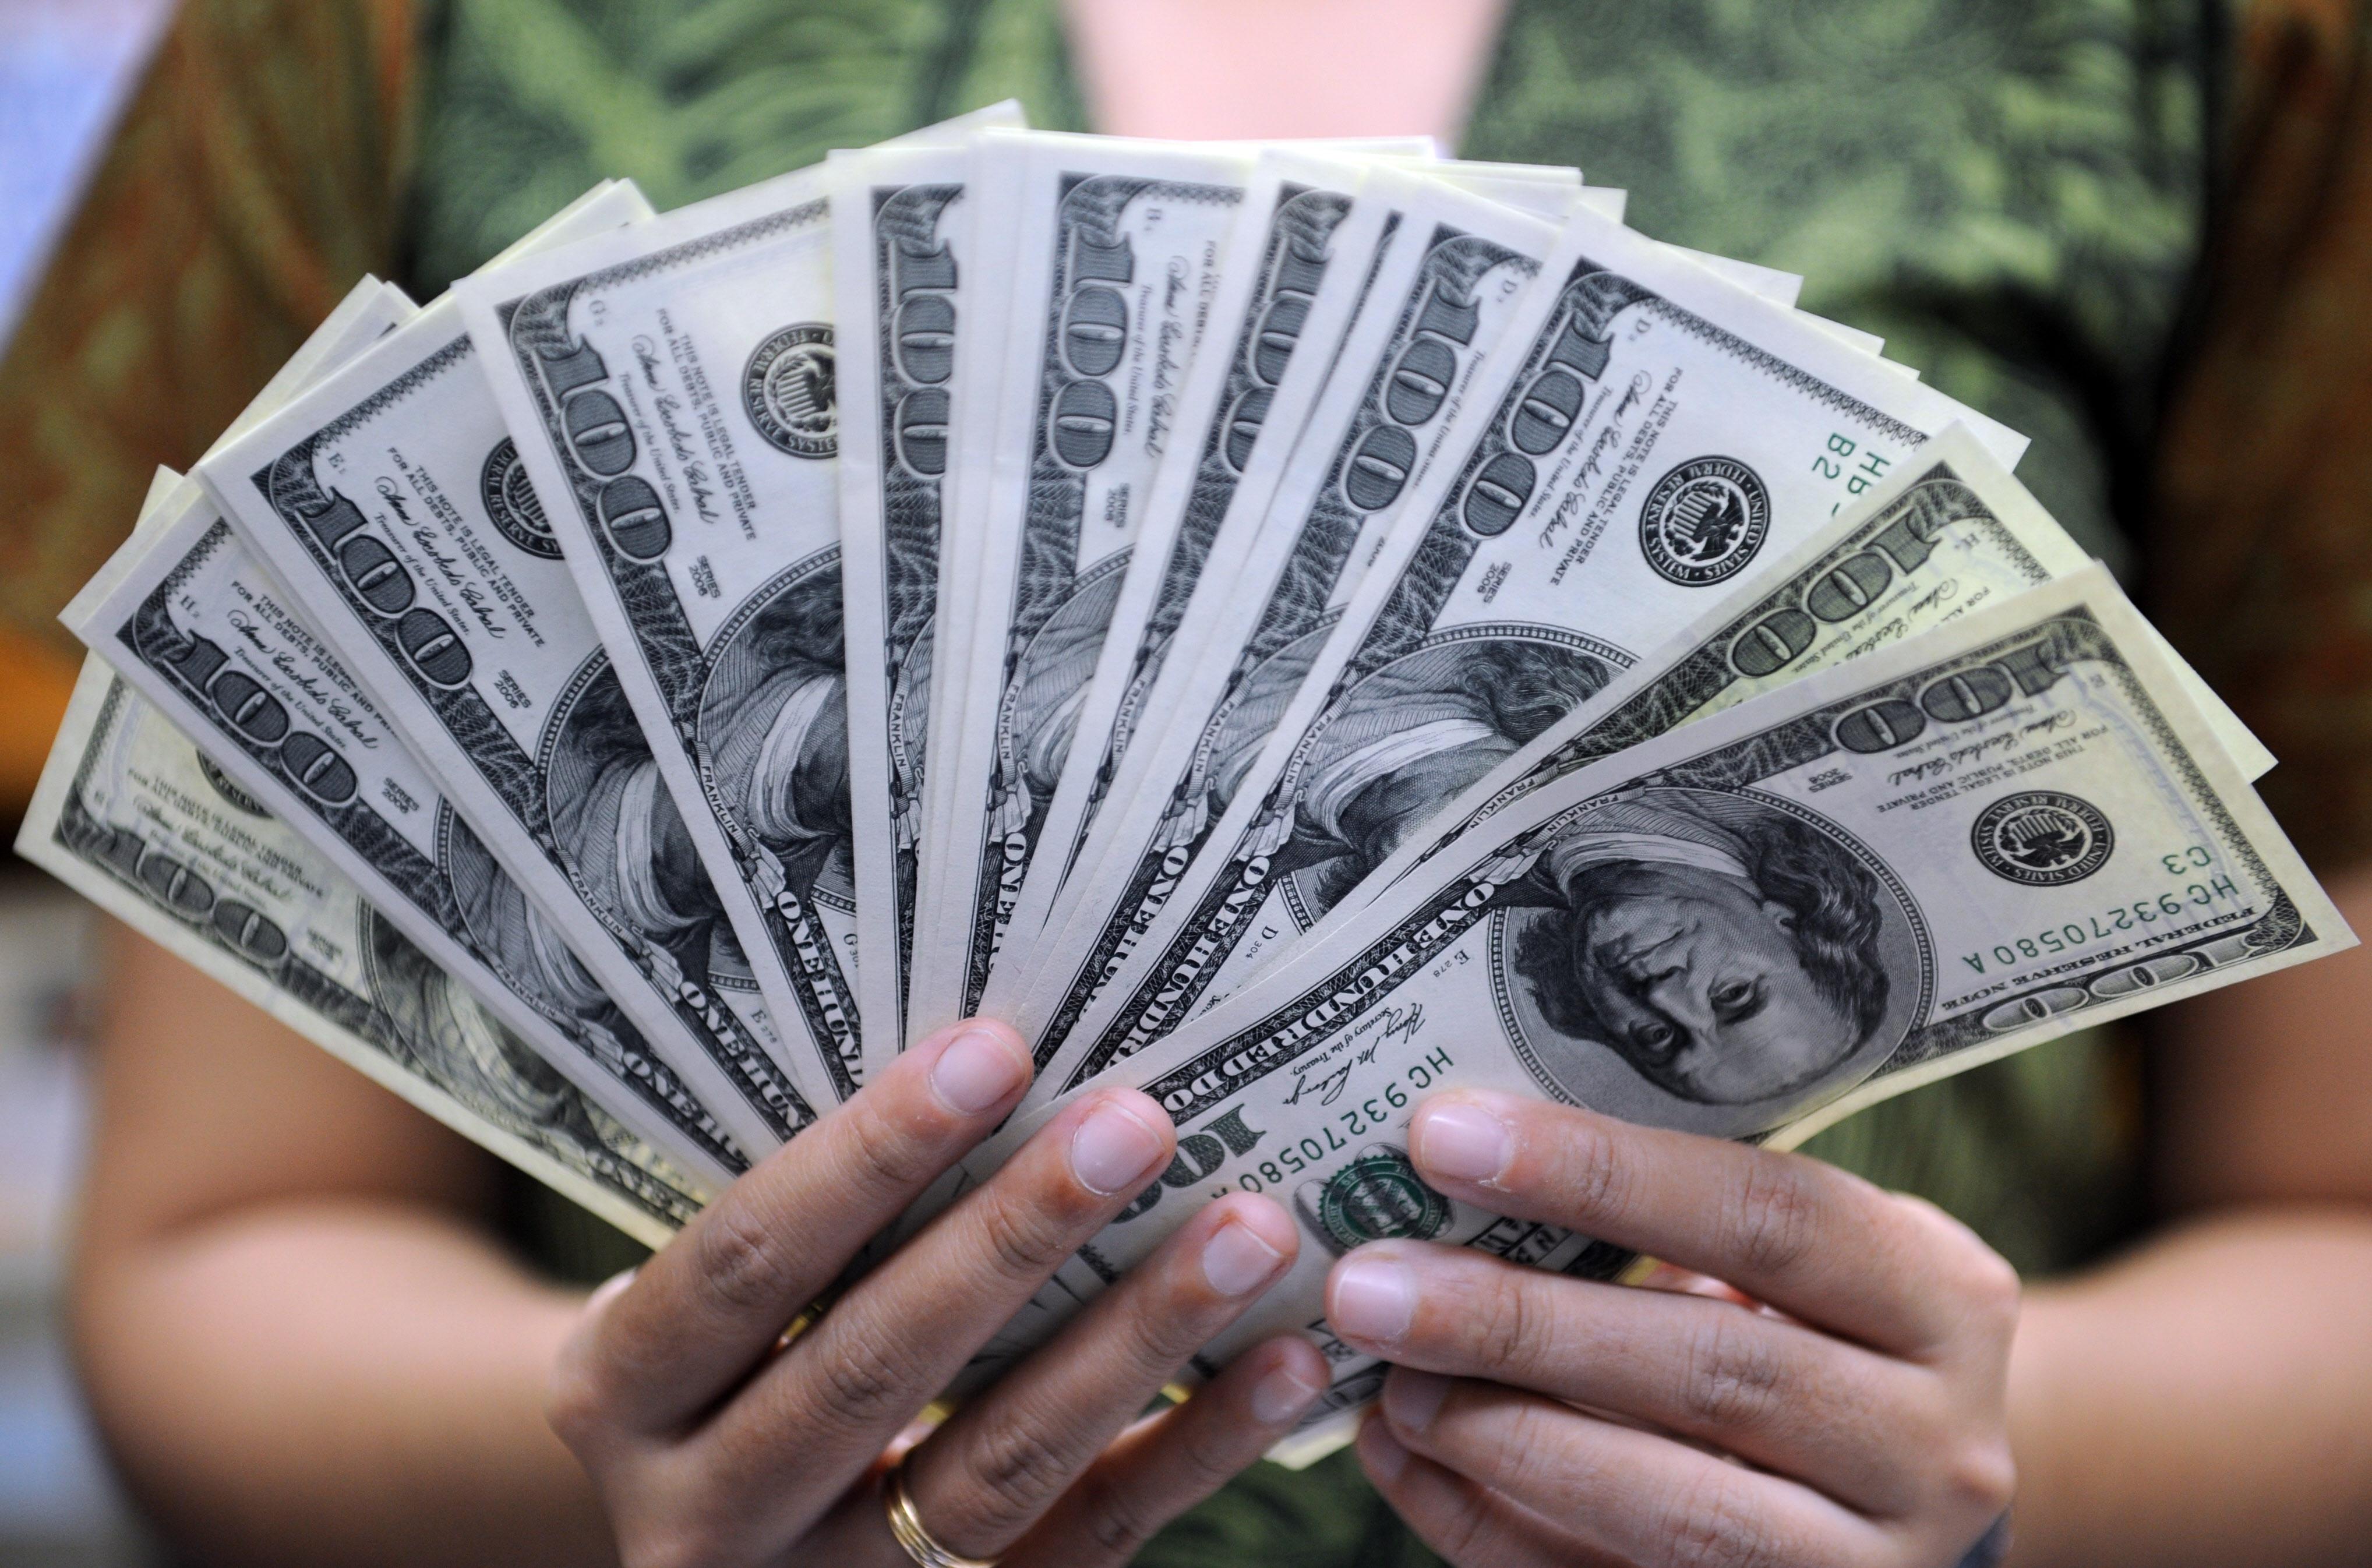 سعر الدولار الأمريكي في البنوك المصرية اليوم الأربعاء